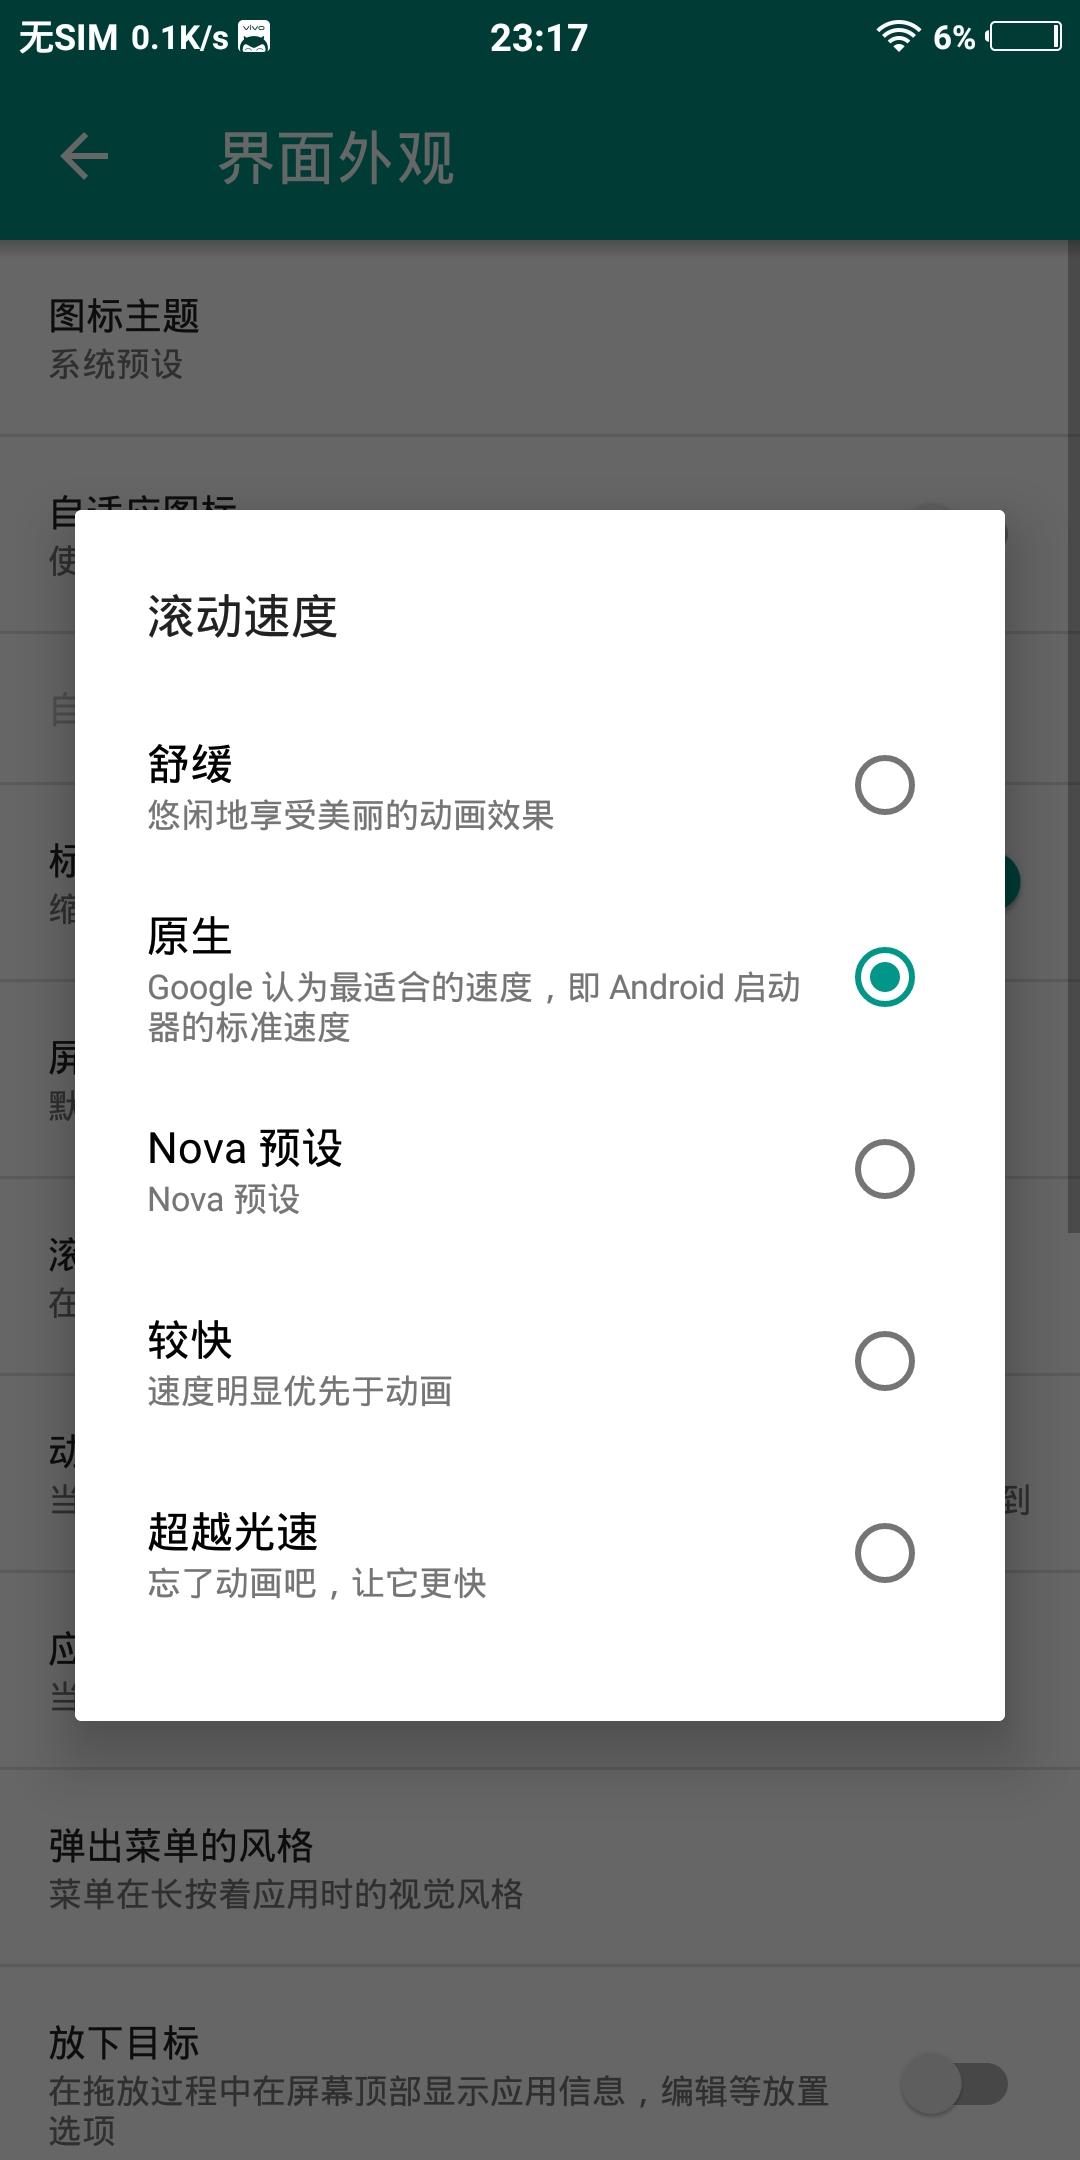 Screenshot_20180125_231714.jpg